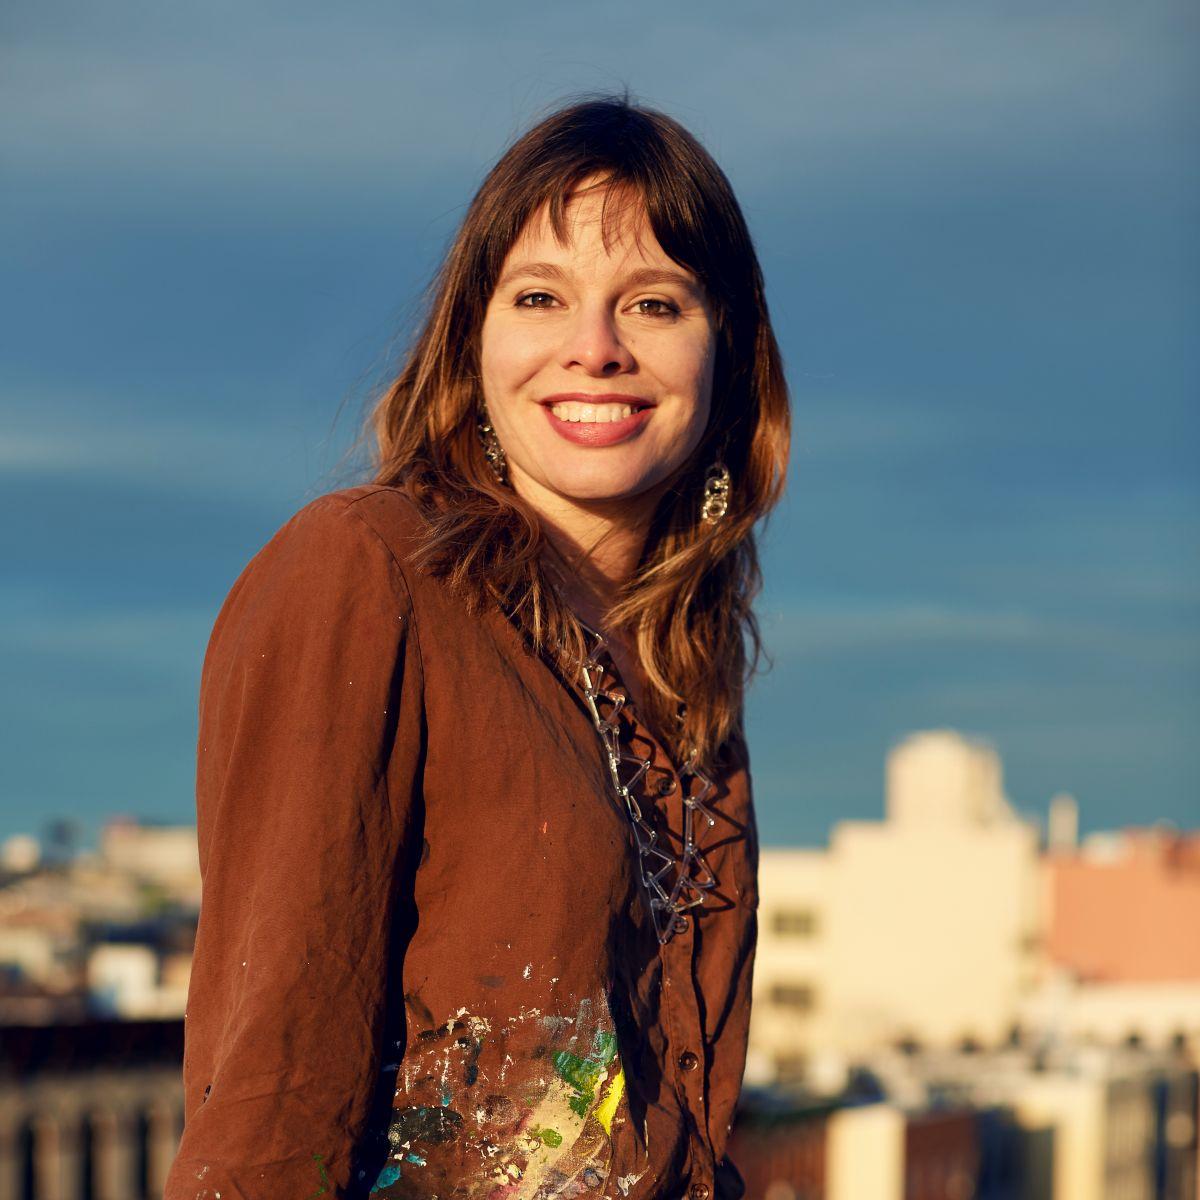 Emily Noelle Lambert